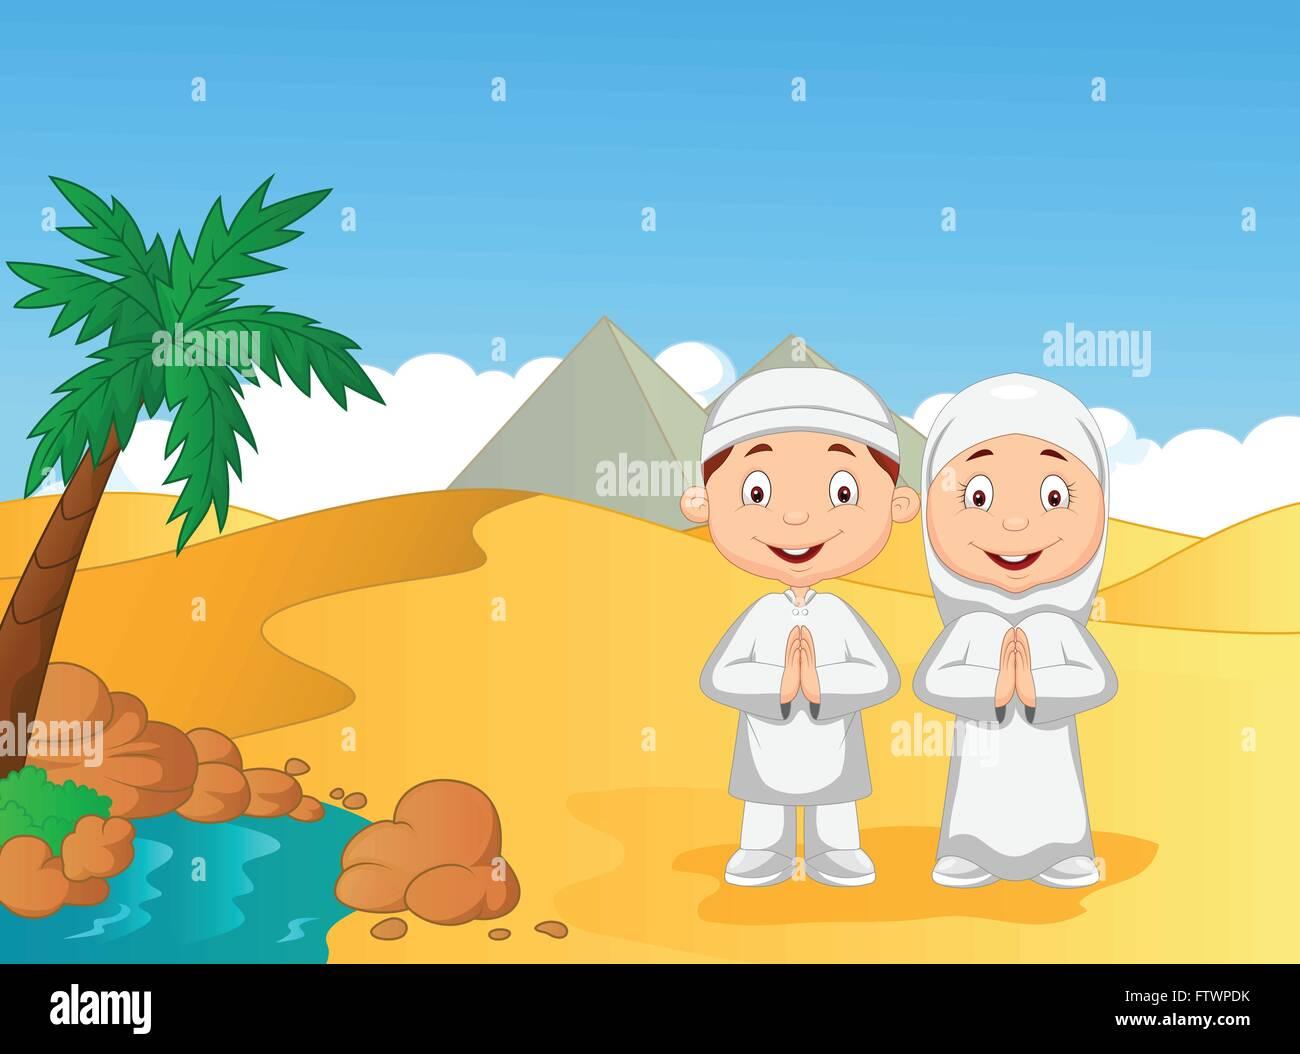 Cartone animato per bambini musulmani con sfondo piramide